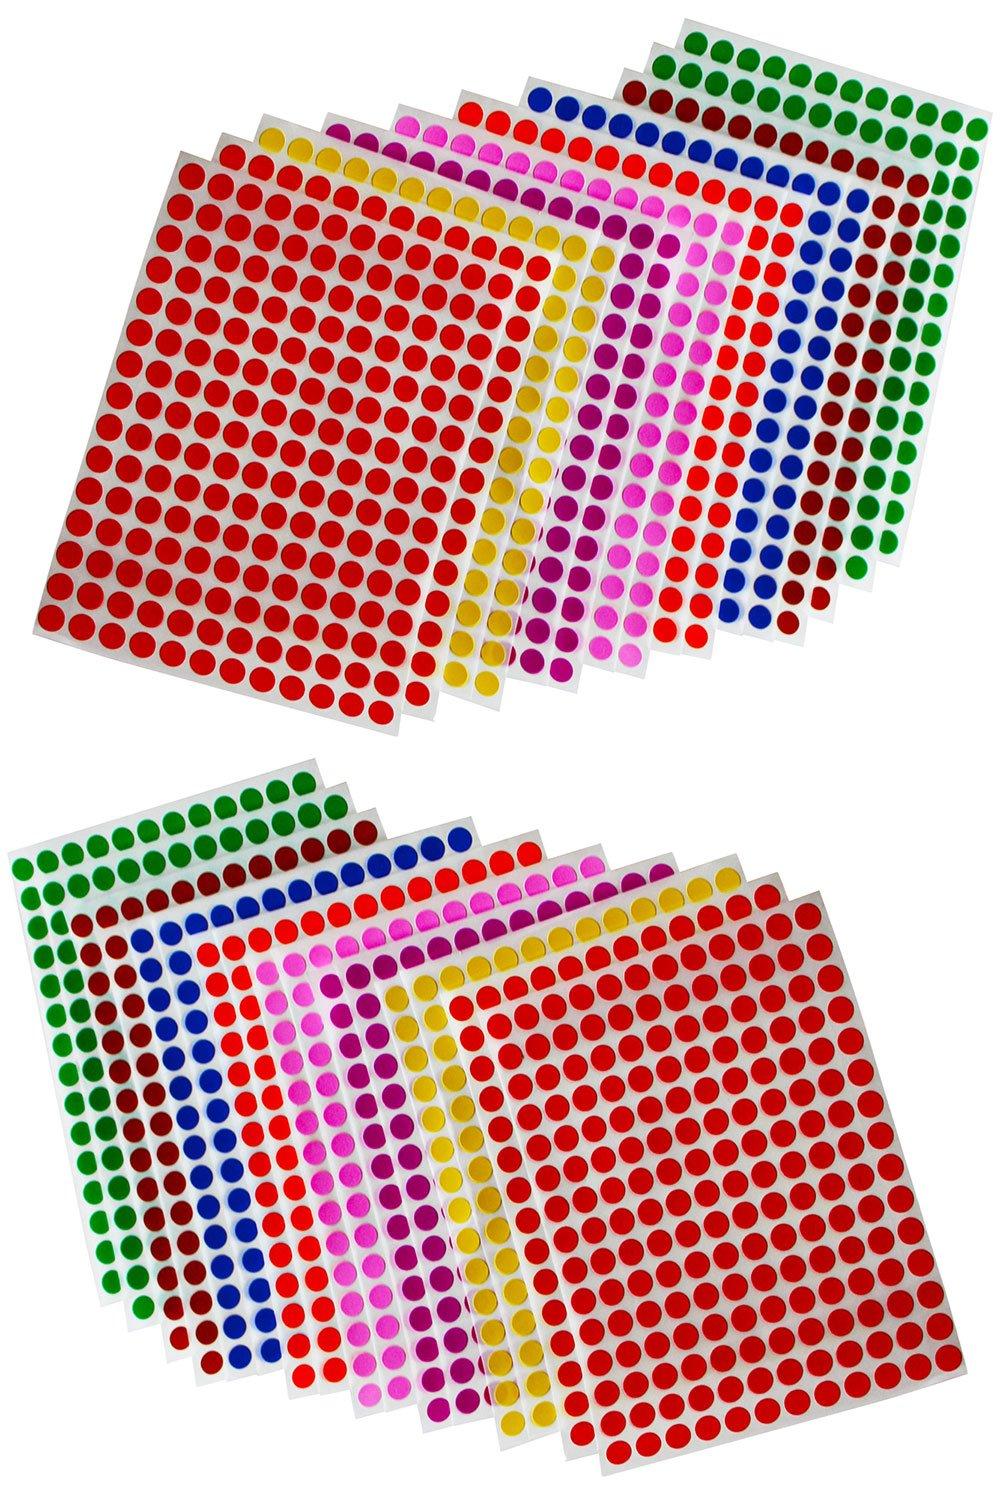 Royal Green Pegatinas en Forma de Puntos Color Verde 8mm Etiquetas de codificaci/ón por color 0.8cm Paquete de 2520